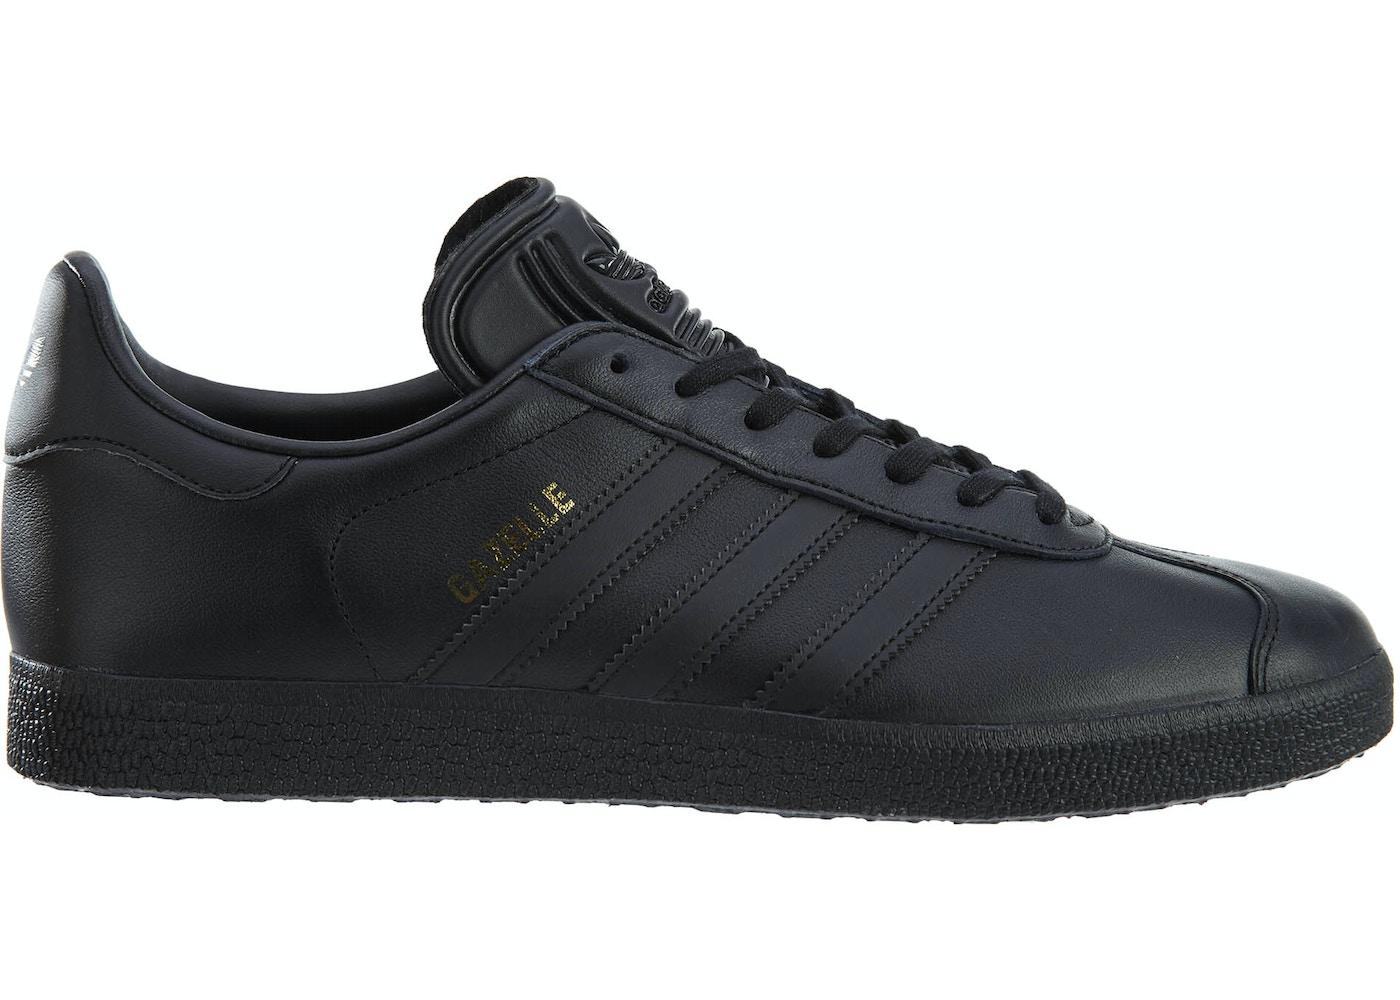 d21916d5014855 adidas Gazelle Black Black-Gold Metallic - BB5497